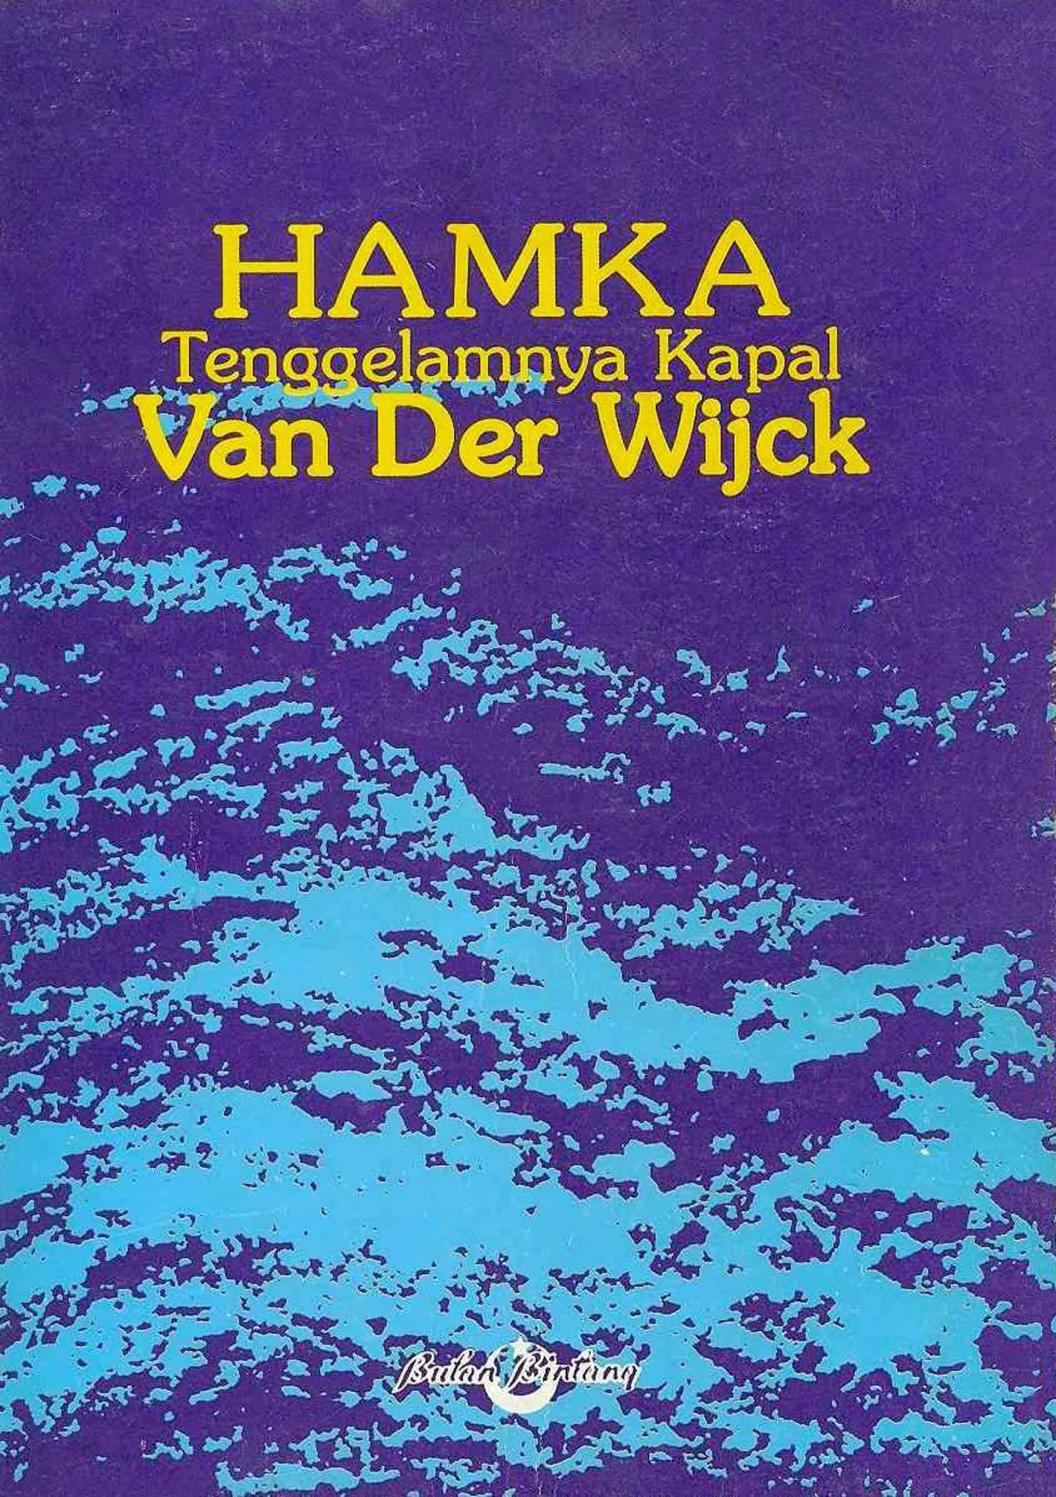 Tenggelamnya Kapal Van Der Wijck Hamka By Kruntil Issuu